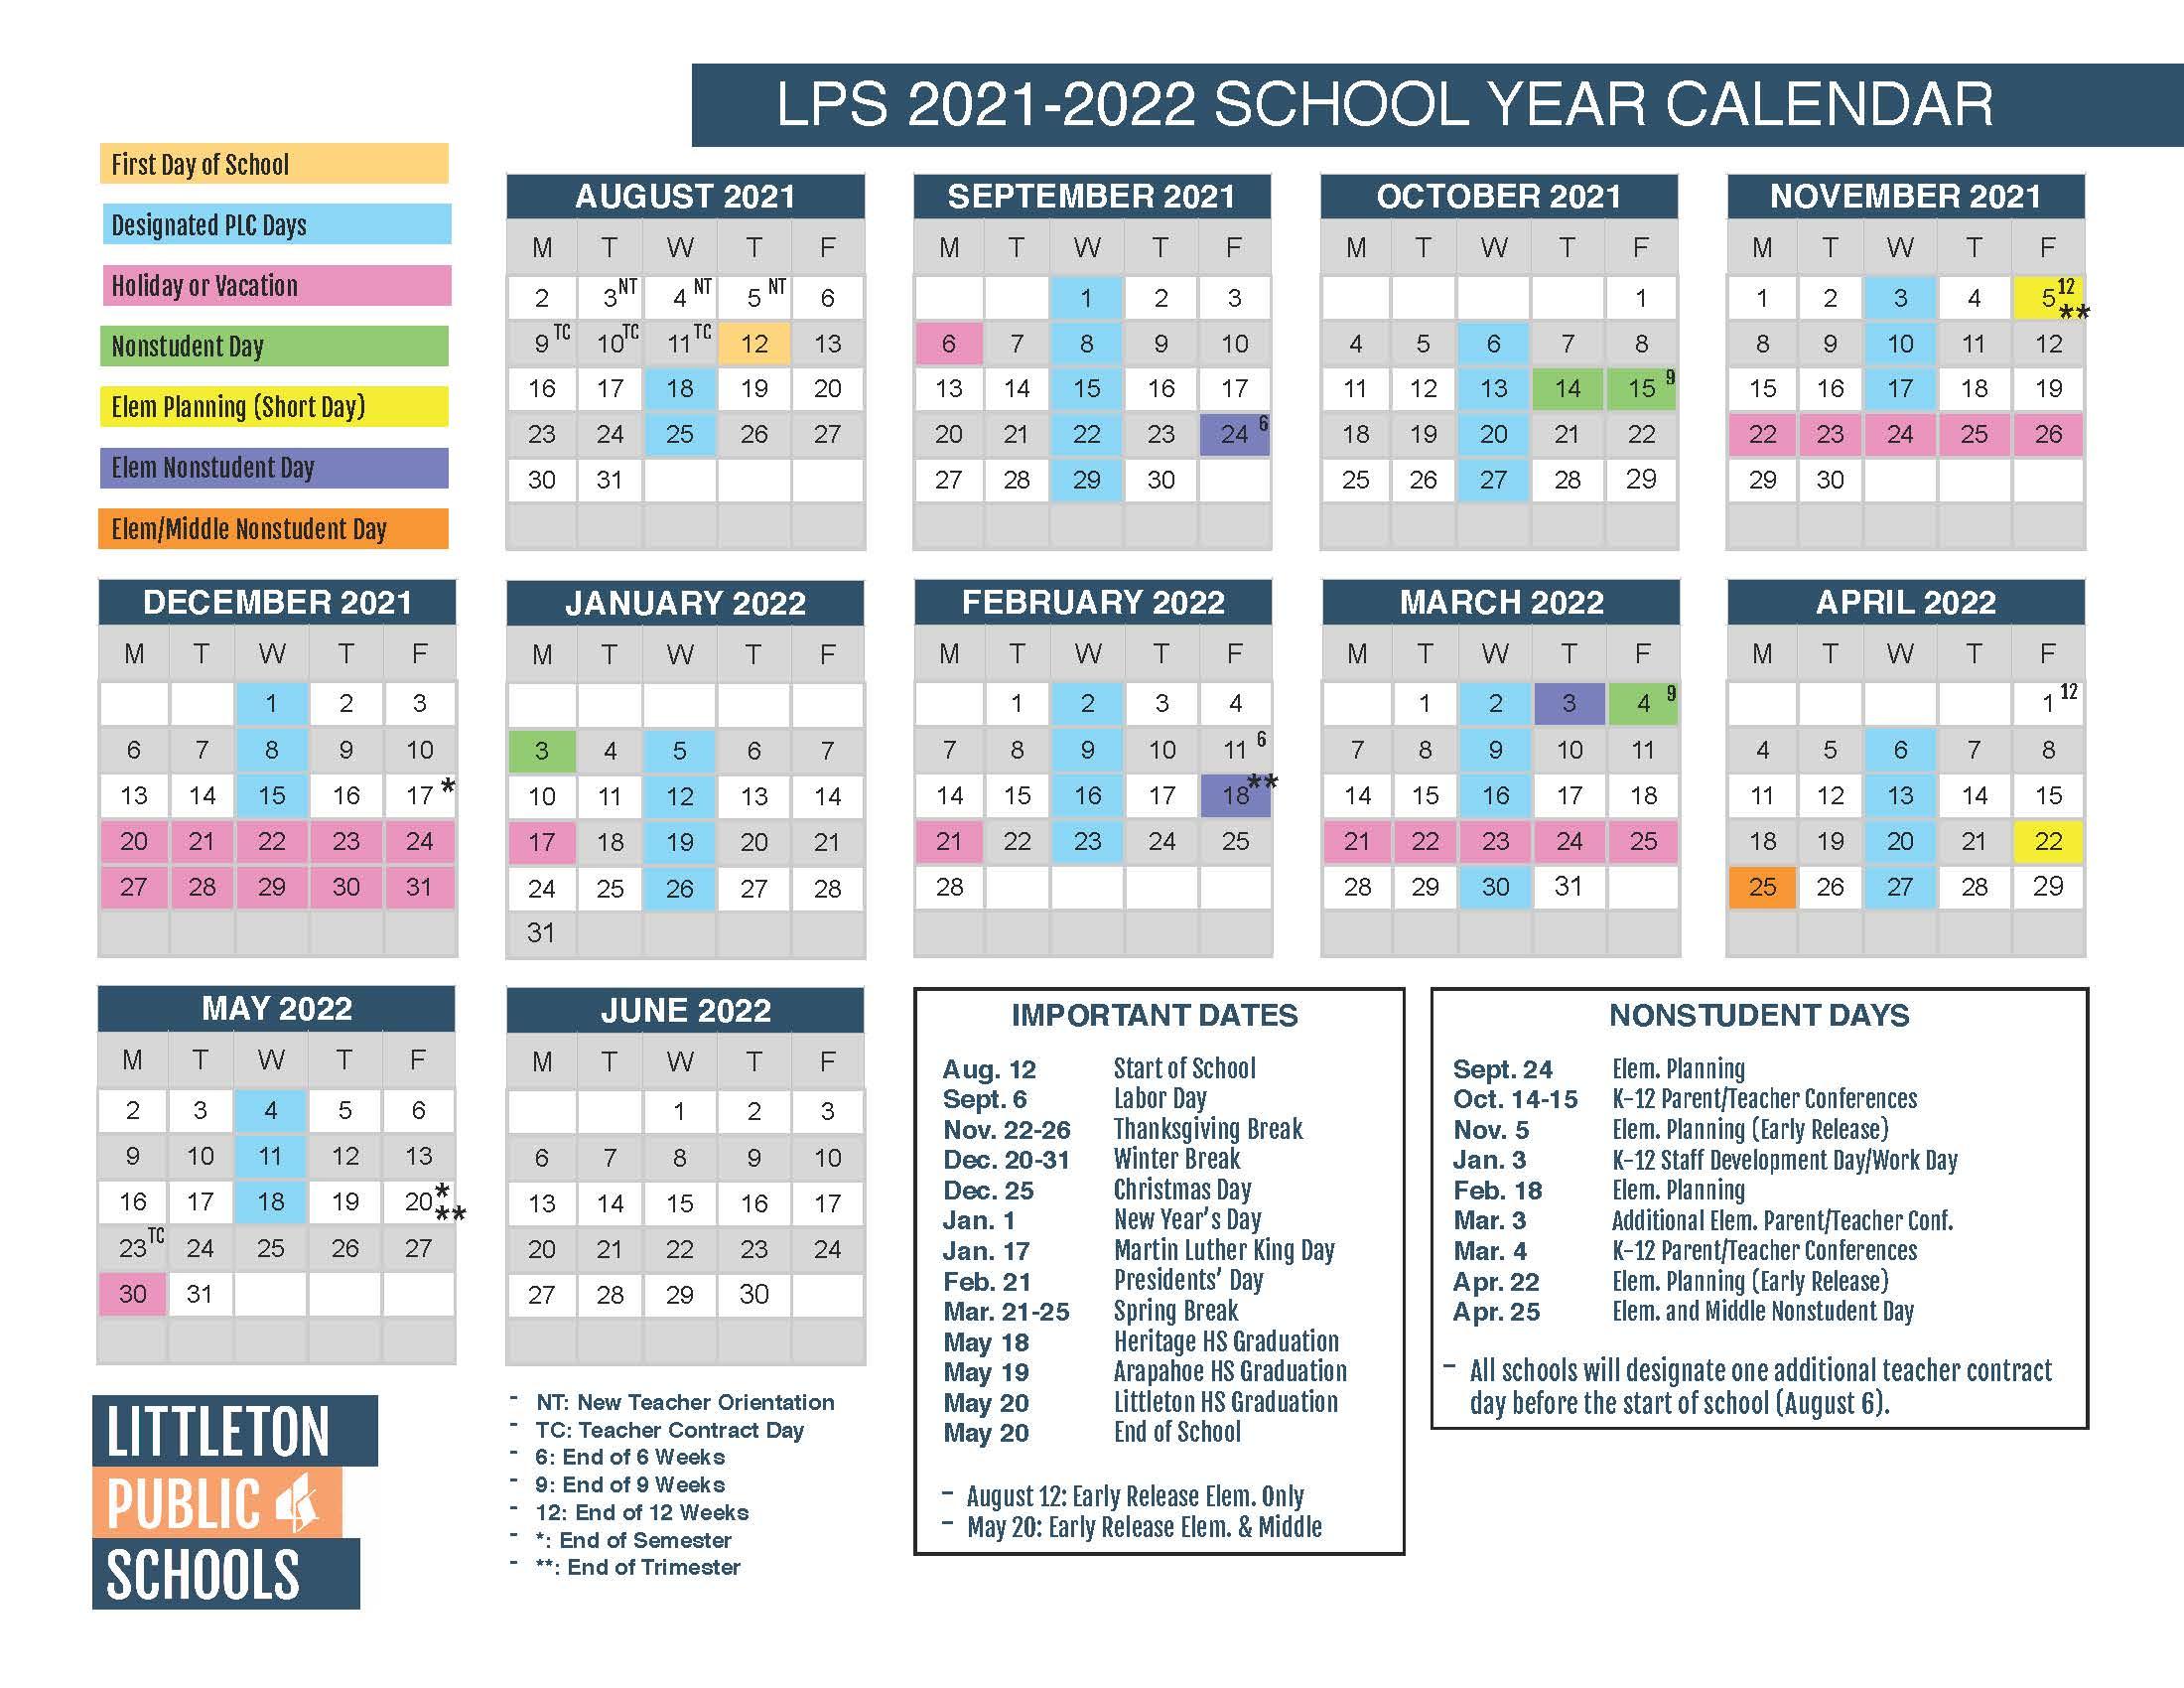 LPS school calendar